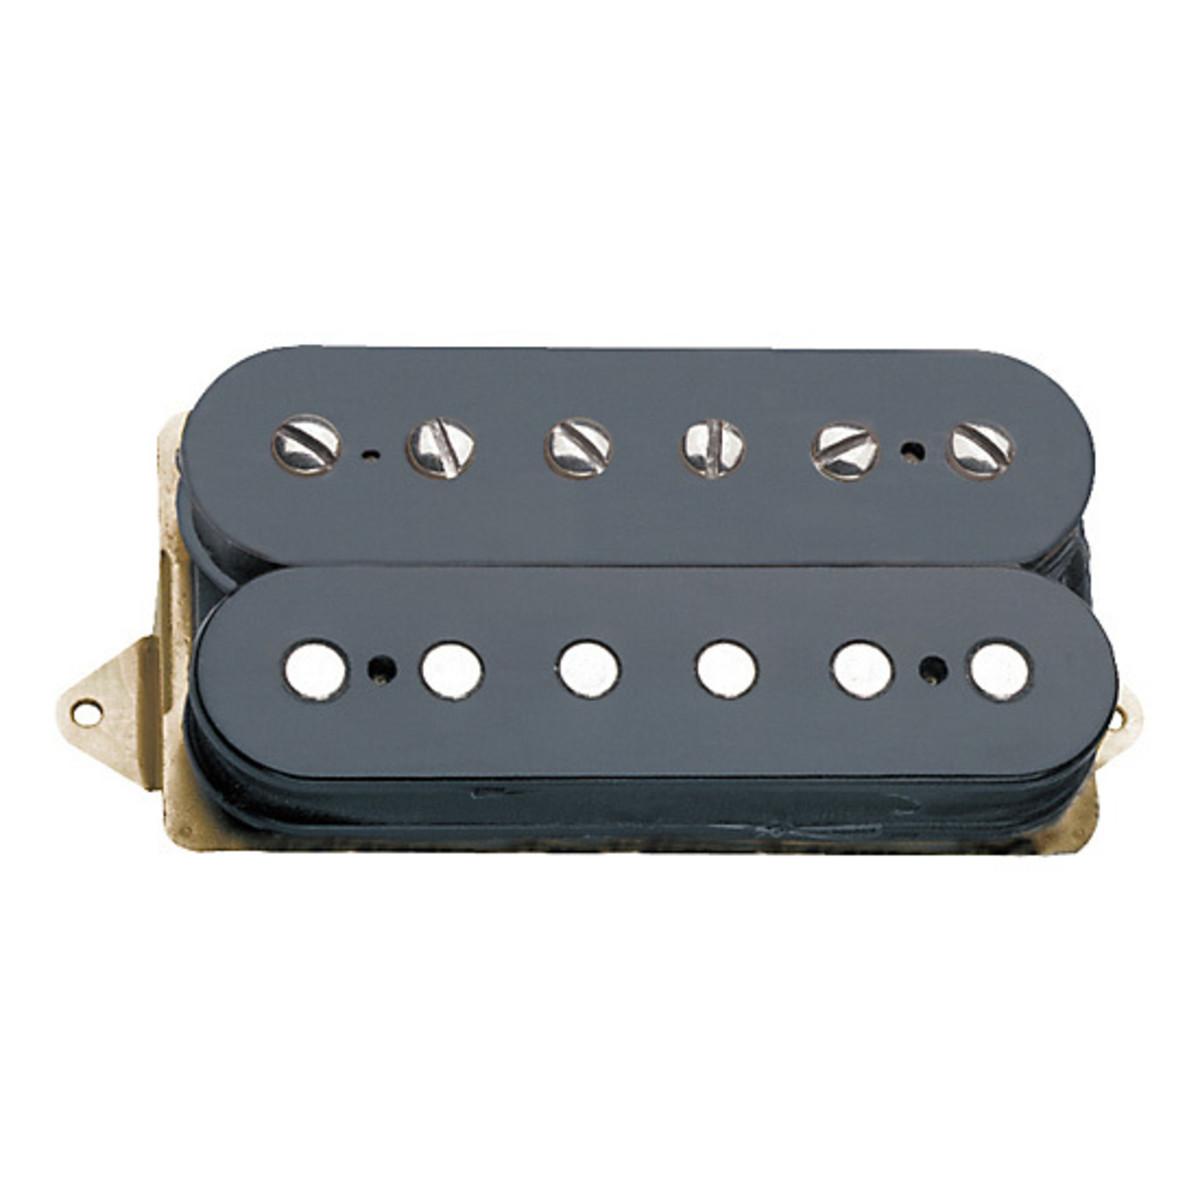 Schema Collegamento Humbucker Di Marzio : Dimarzio dp254 transition neck humbucker guitar pickup black